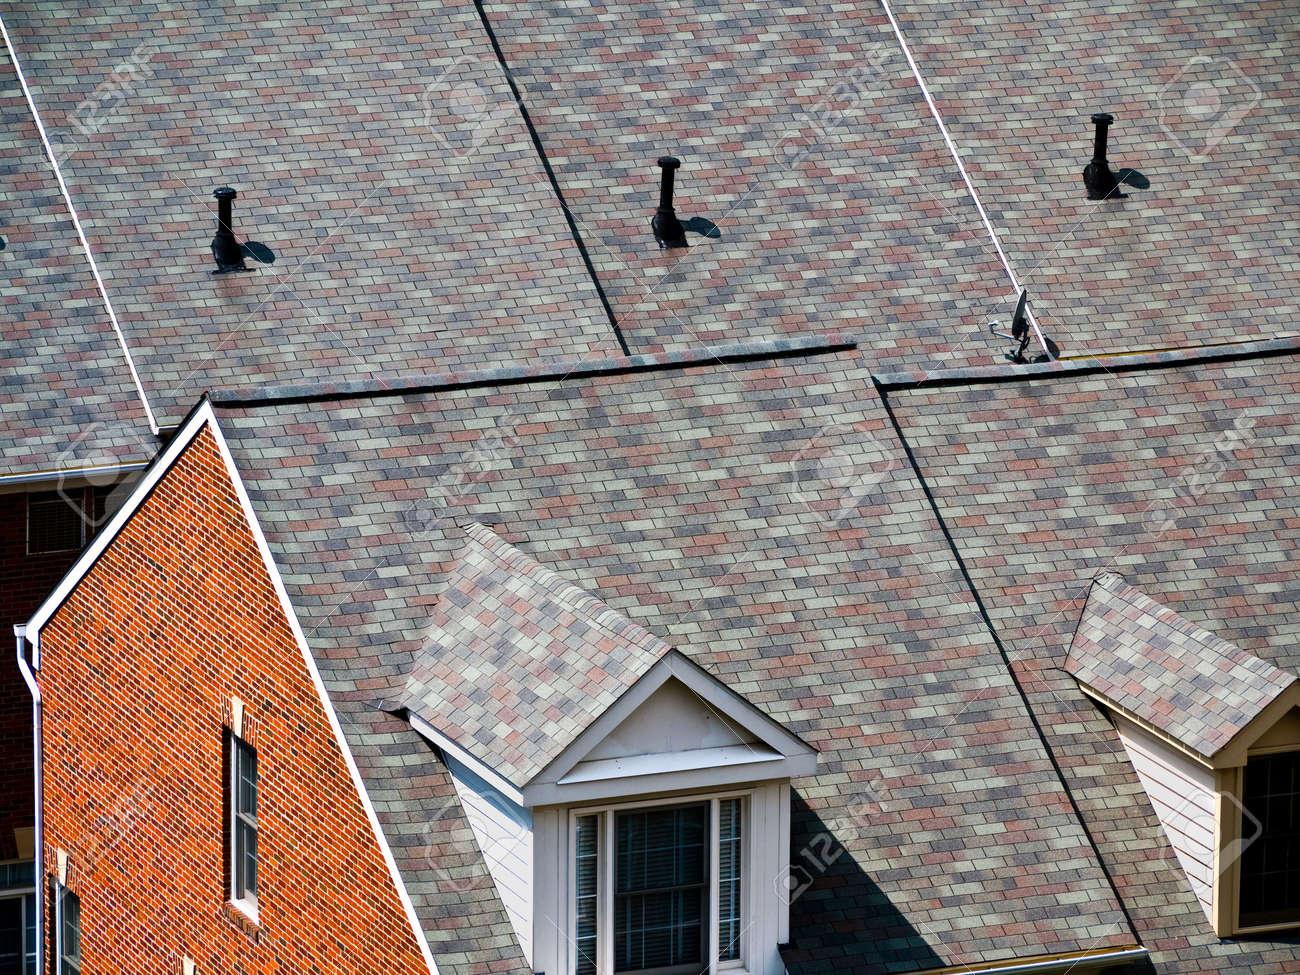 Many homes in todays suburbia Stock Photo - 5574709